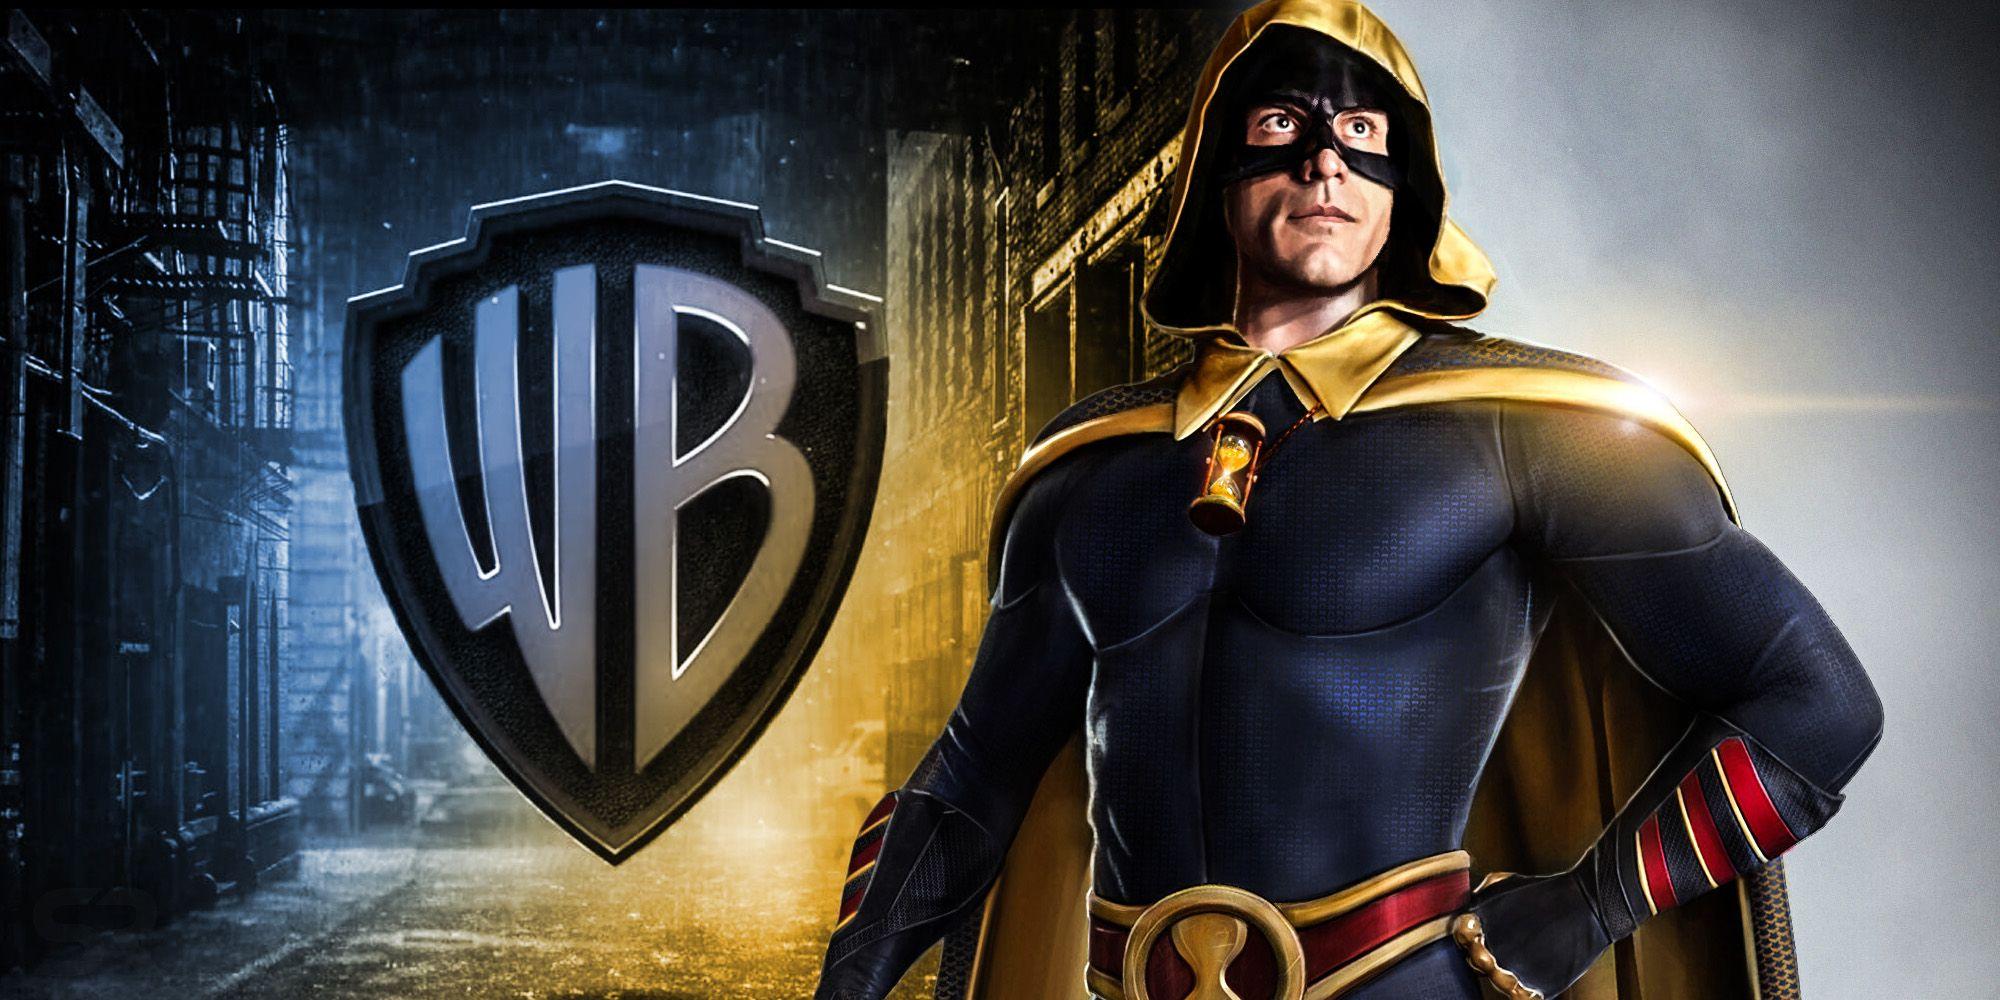 Hourman: tudo o que sabemos sobre o novo filme de super-heróis da DC 2